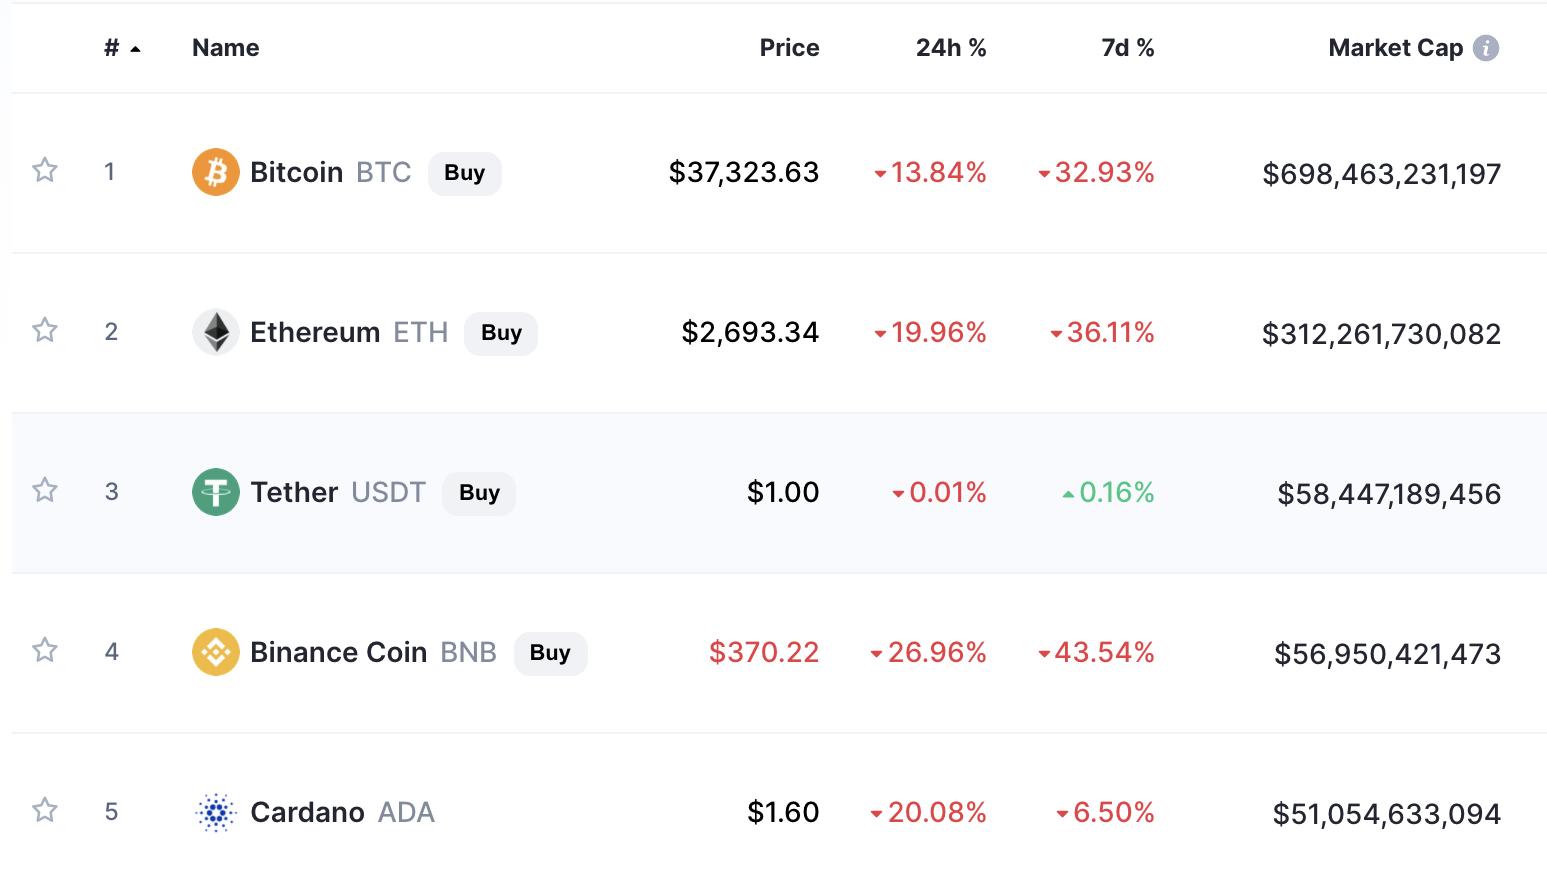 May 19th Crypto Crash